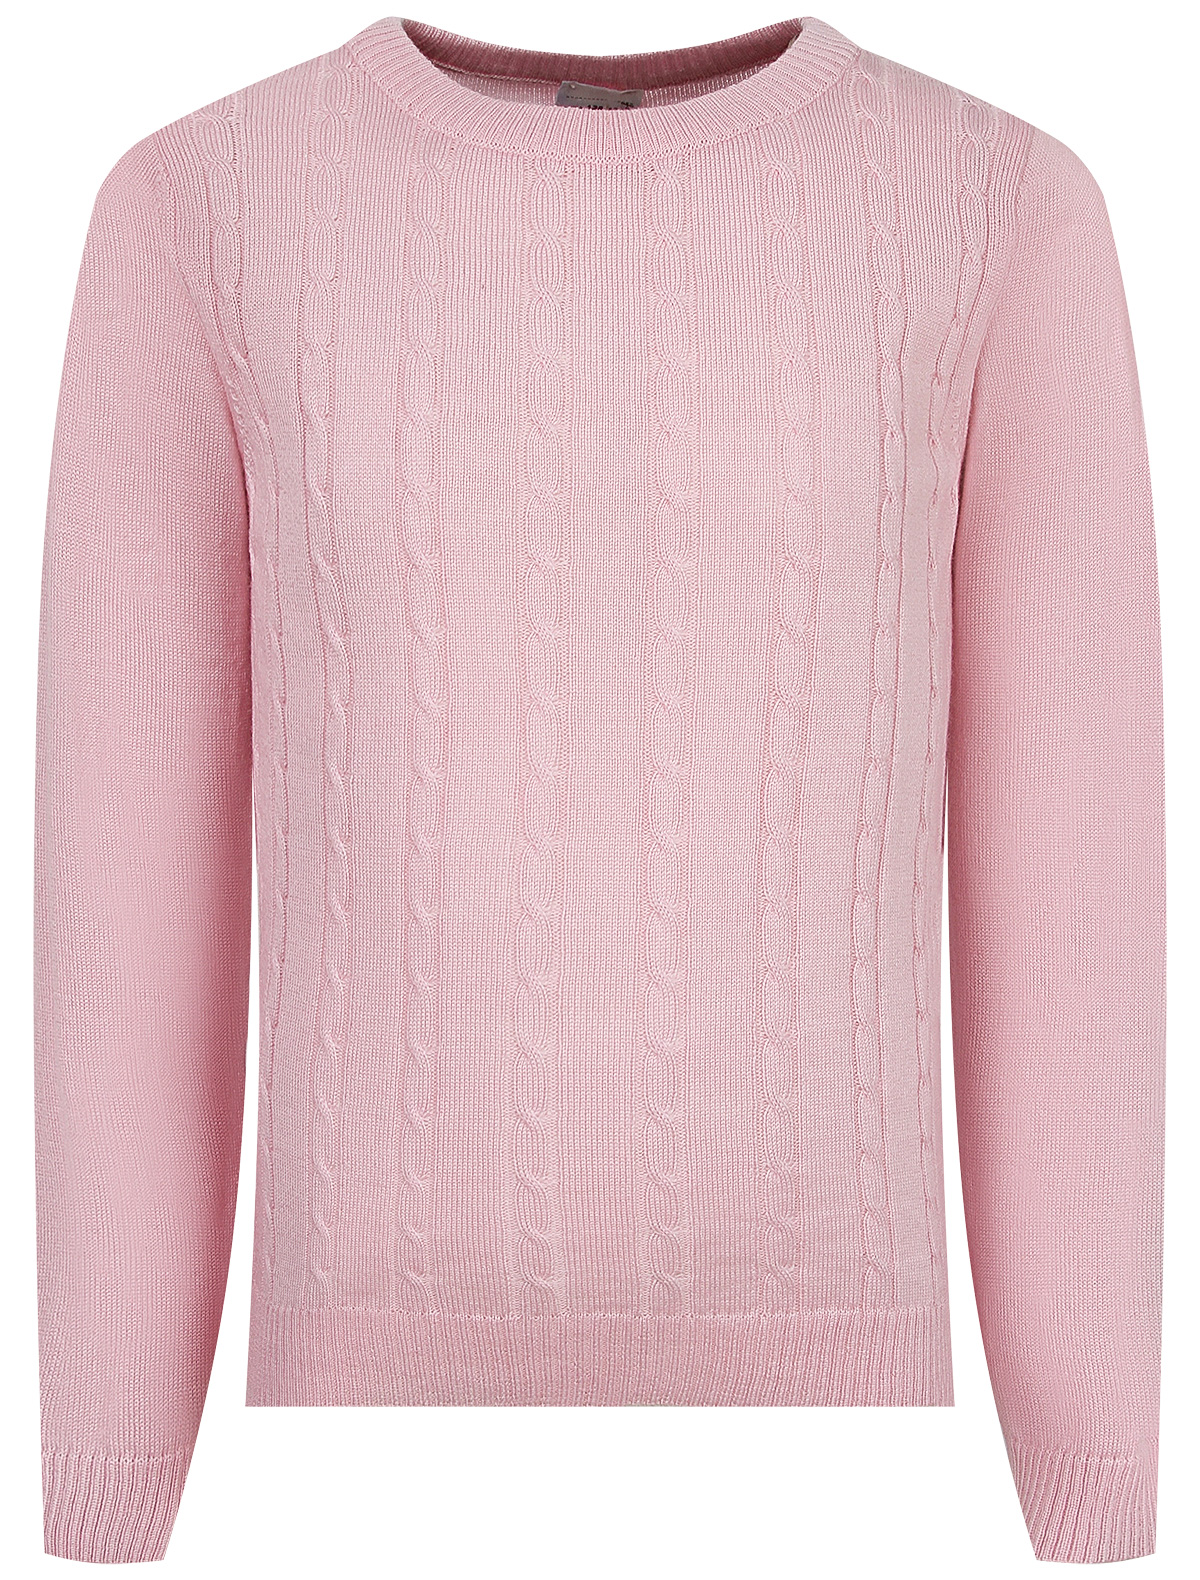 Купить 2256930, Джемпер Air wool, розовый, Женский, 1264509083721